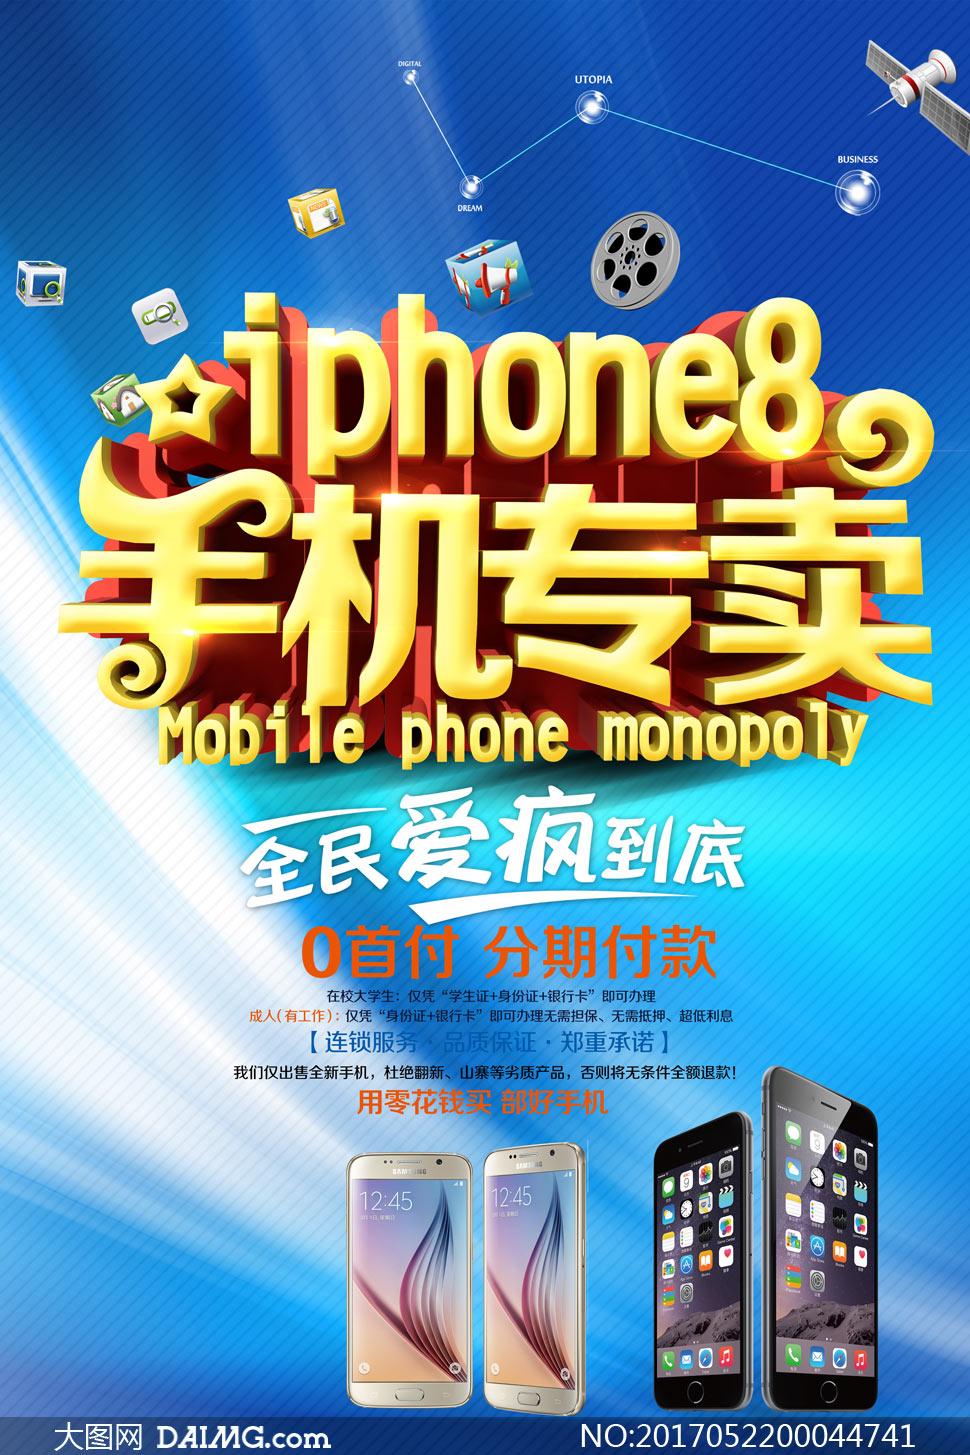 手机专卖店宣传海报设计psd素材